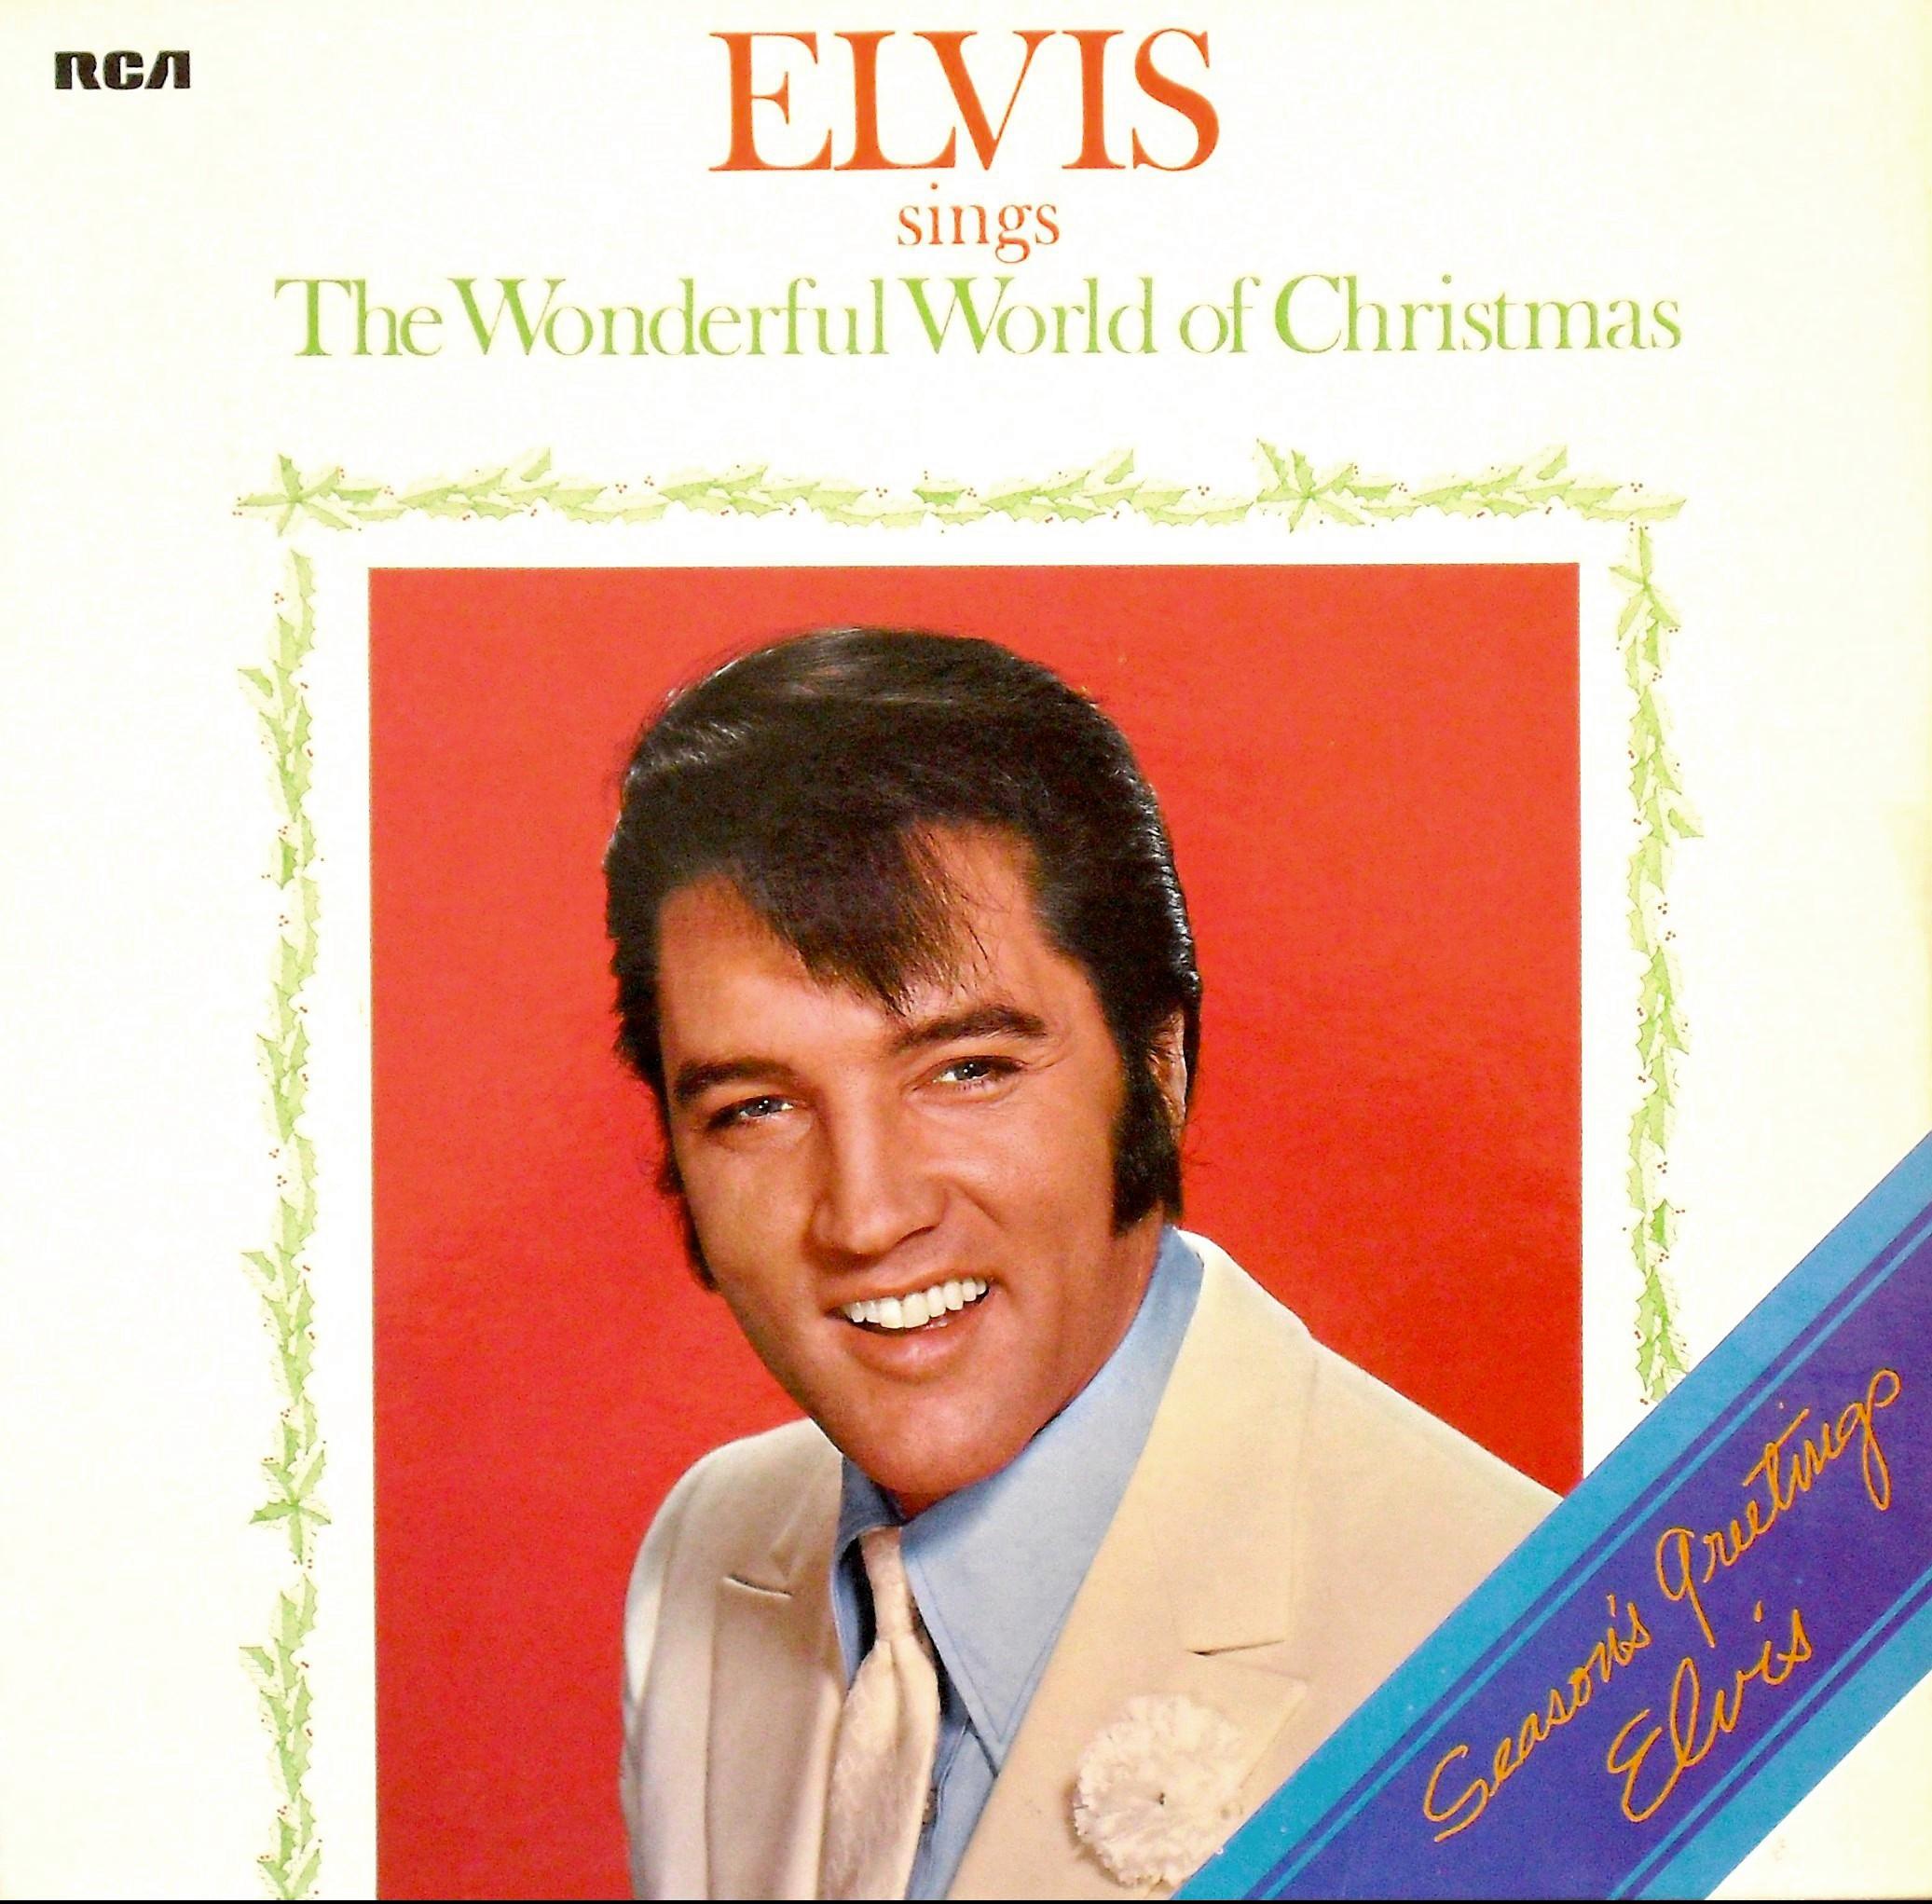 ELVIS SINGS THE WONDERFUL WORLD OF CHRISTMAS 01g1j70